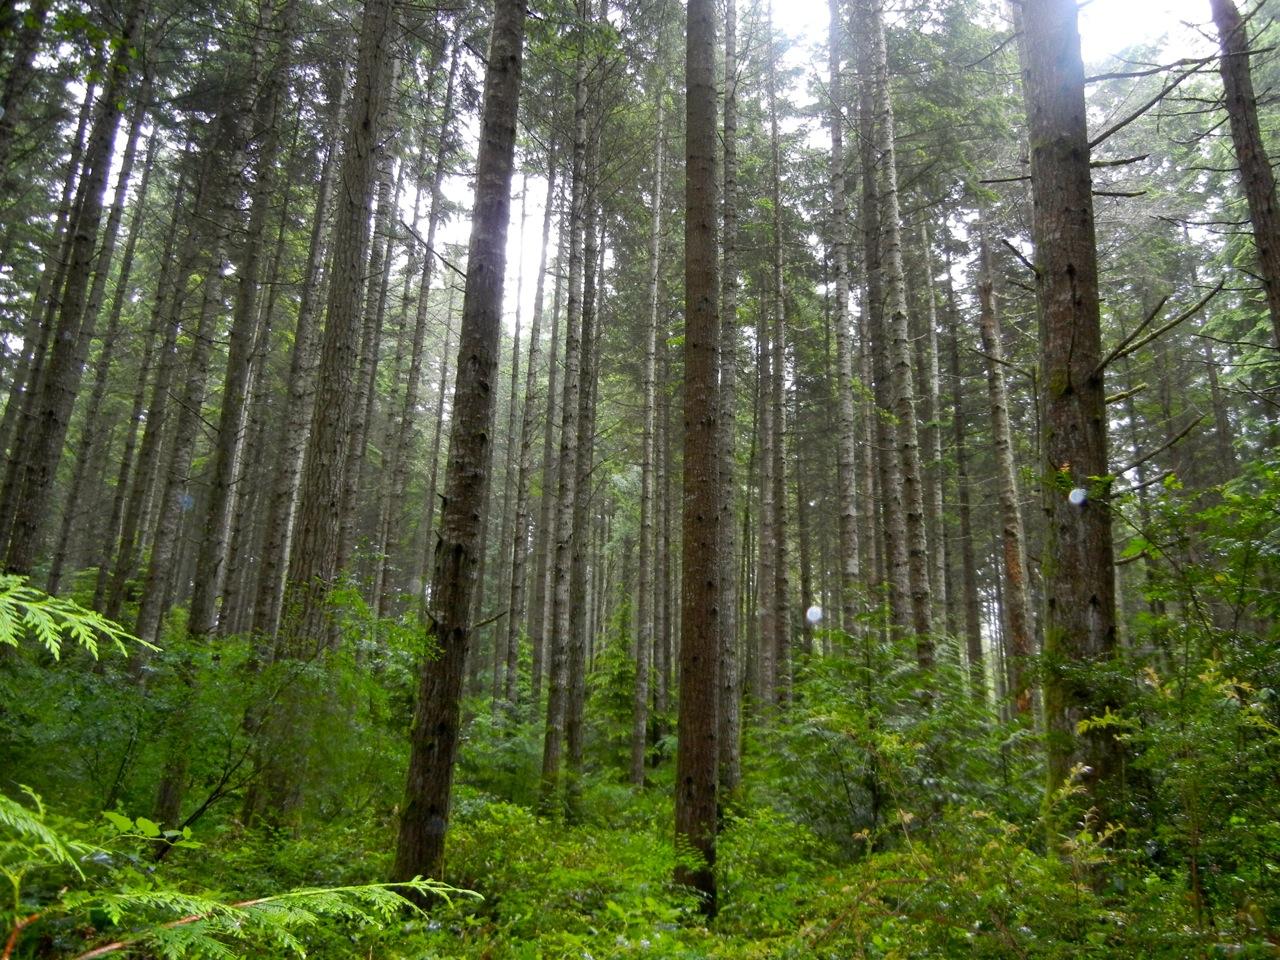 light_in_forest_wallpaper_2560x1440.jpg